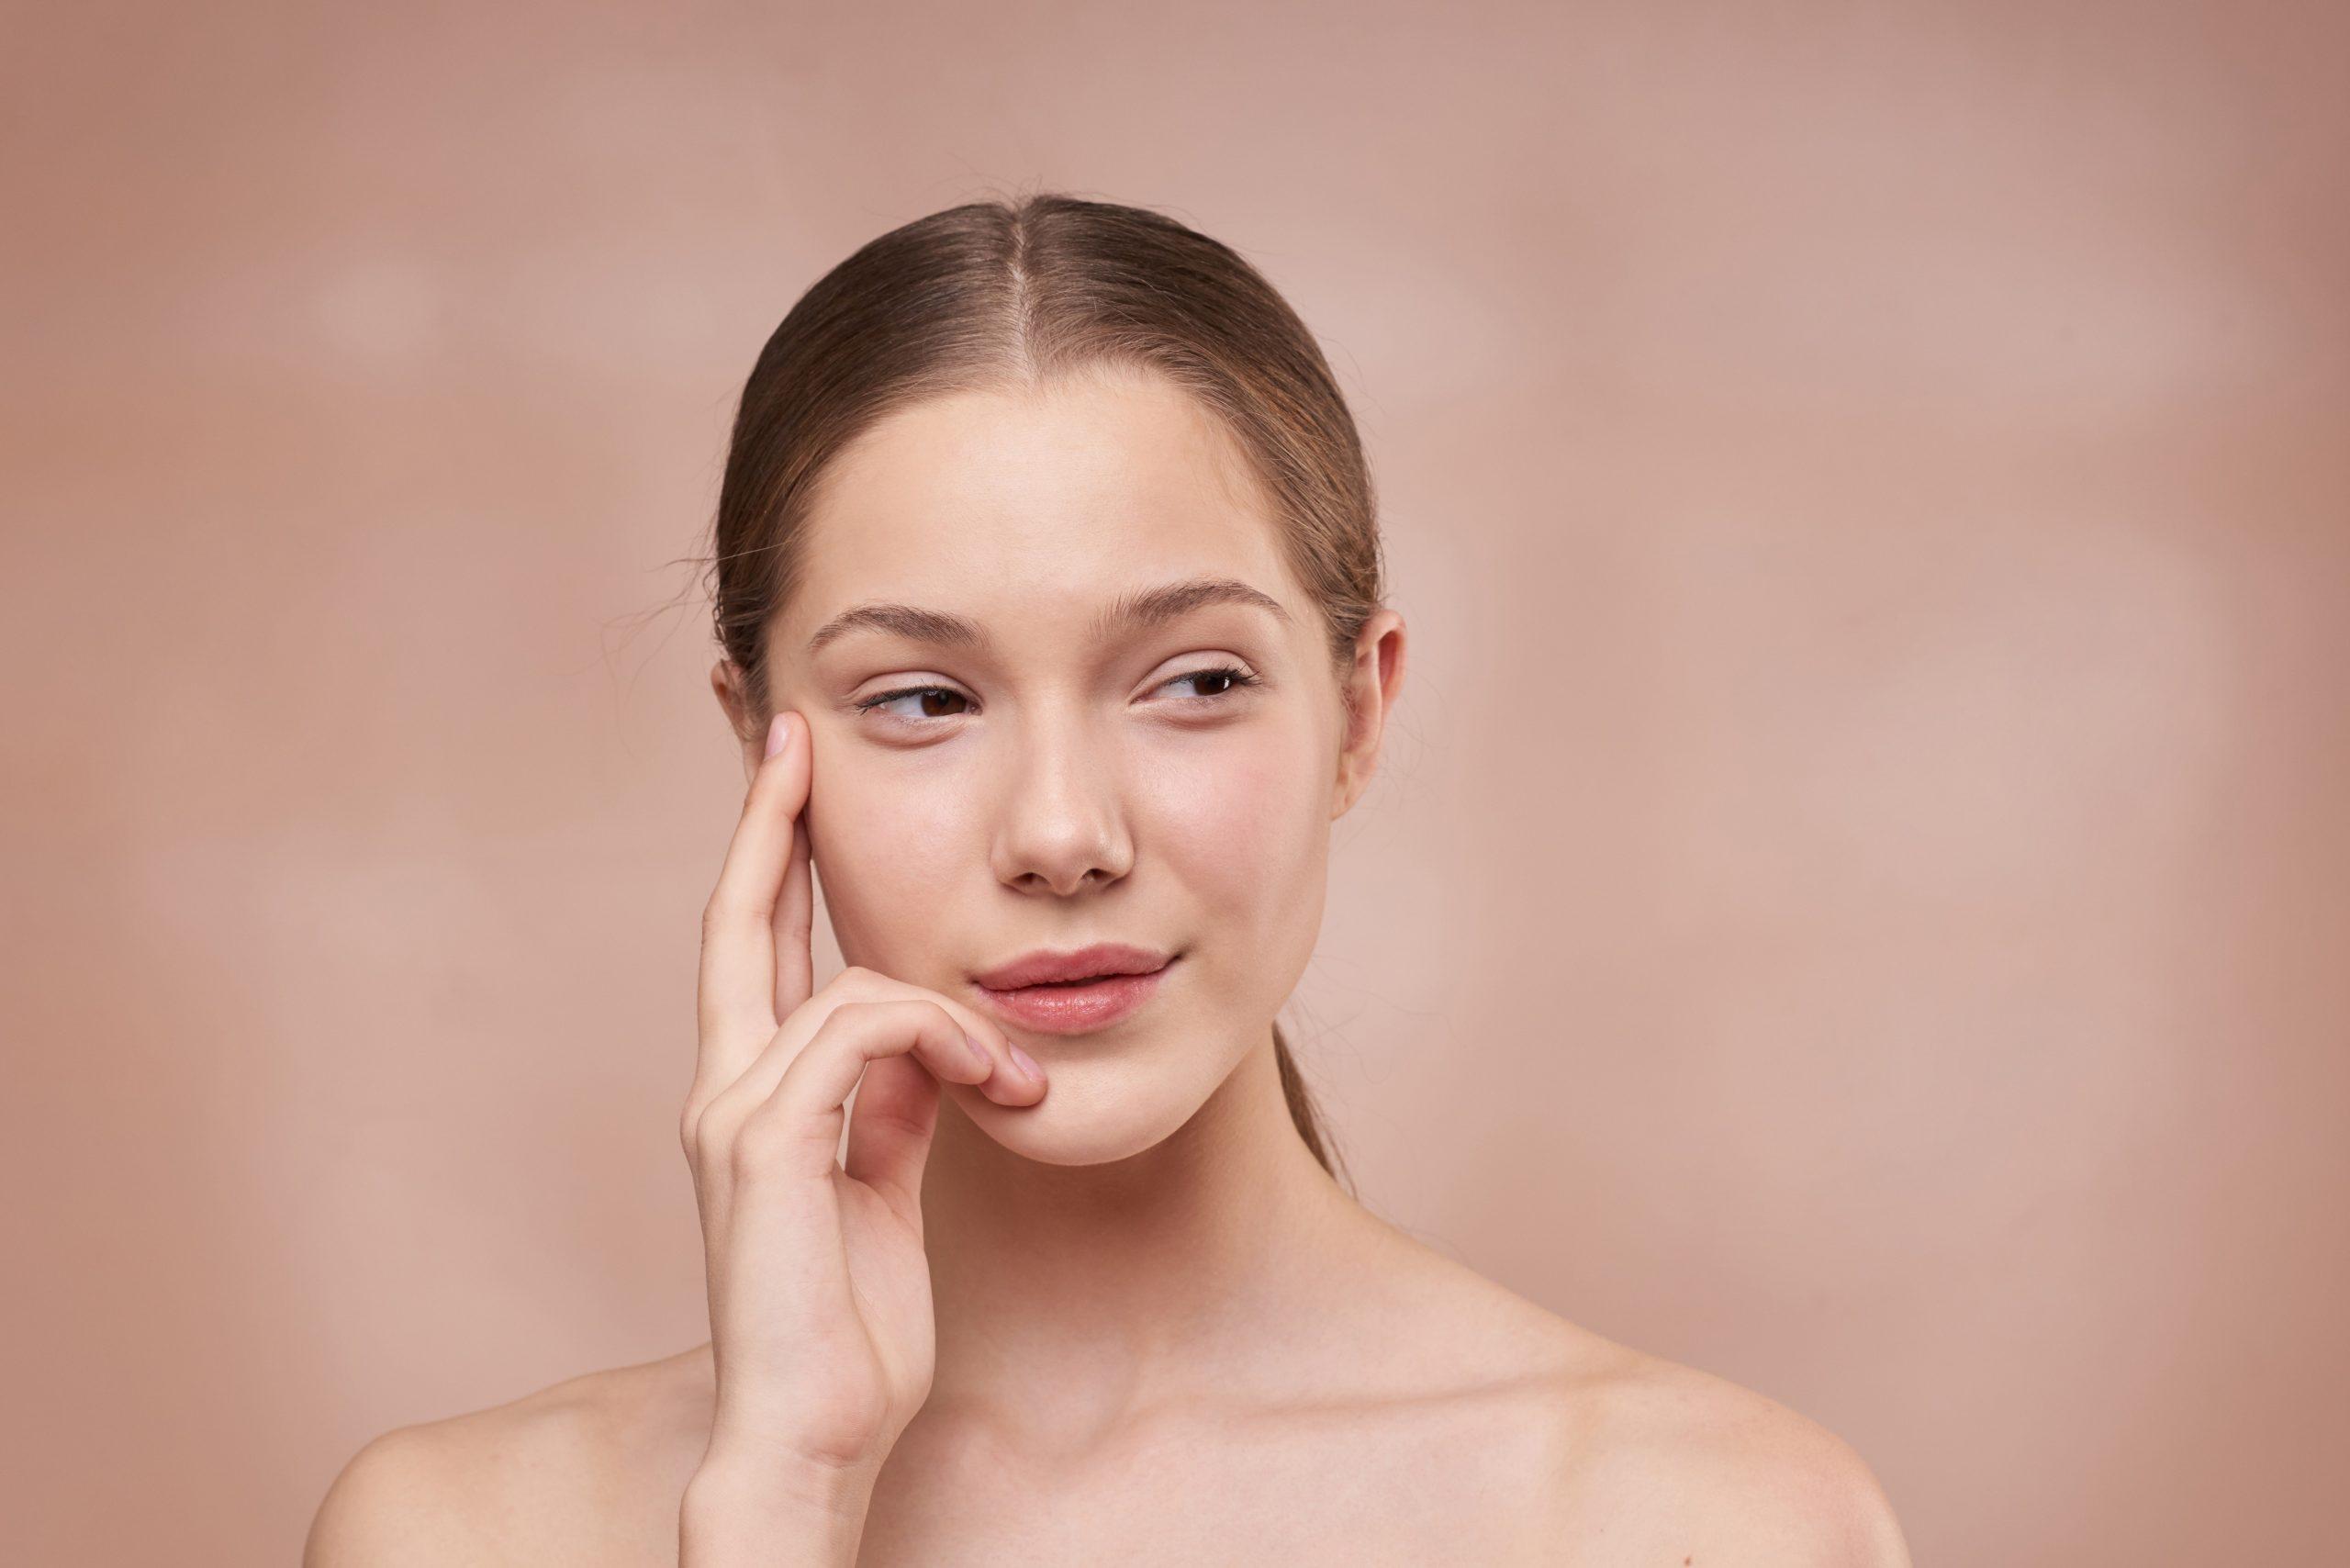 ¿Por qué fumar causa serios daños a la piel?